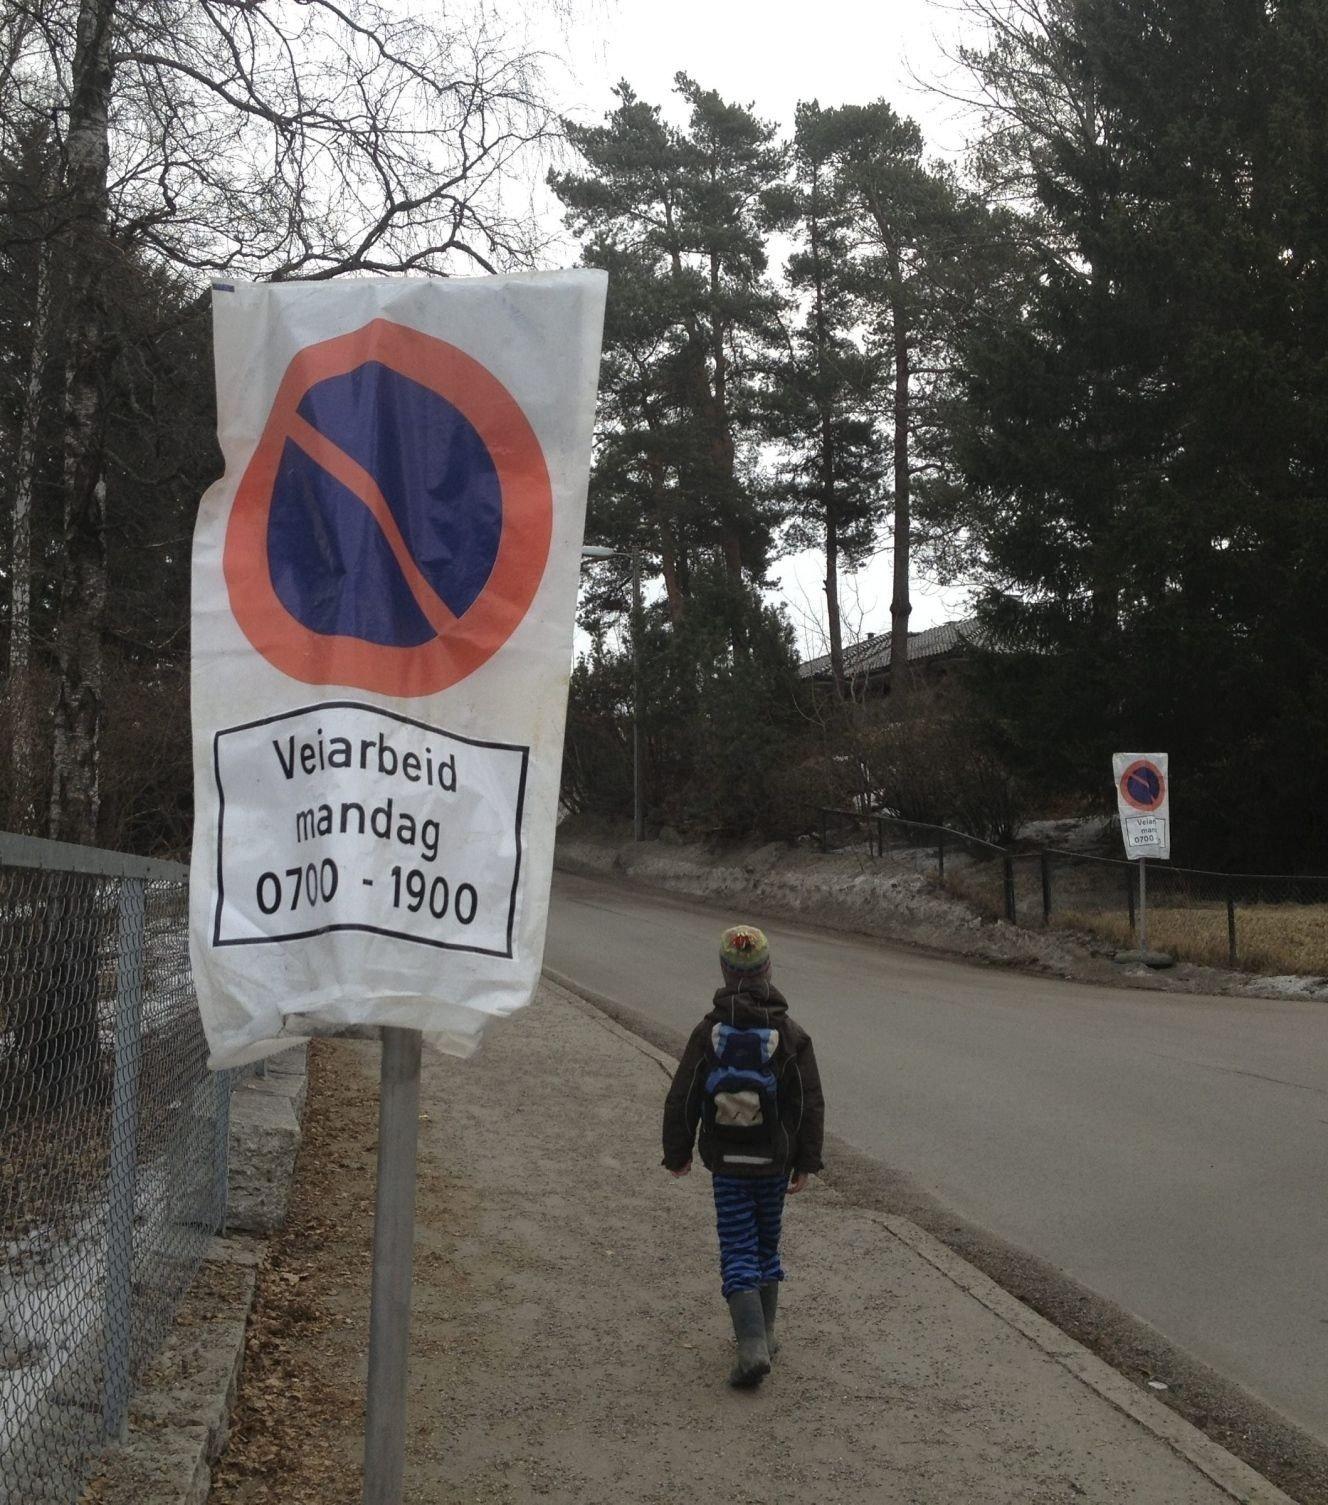 VÅRRENGJØRING: Husk å flytte bilen når disse skiltene kommer opp, så får kommunen fjernet grus og annen møkk etter vinteren.FOTO: NINA SCHYBERG OLSEN